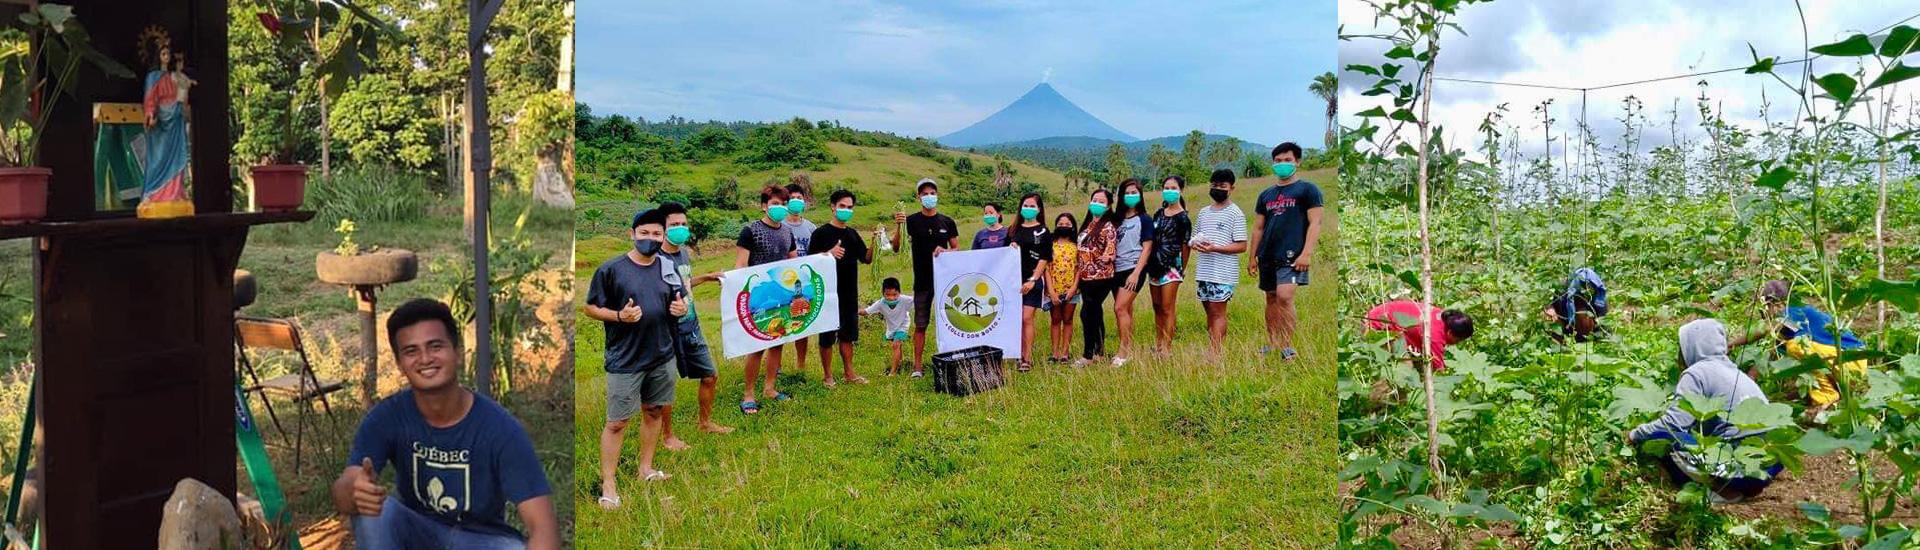 El Colegio Don Bosco de Legazpi (Filipinas), opción preferencial para la formación agrícola de los jóvenes